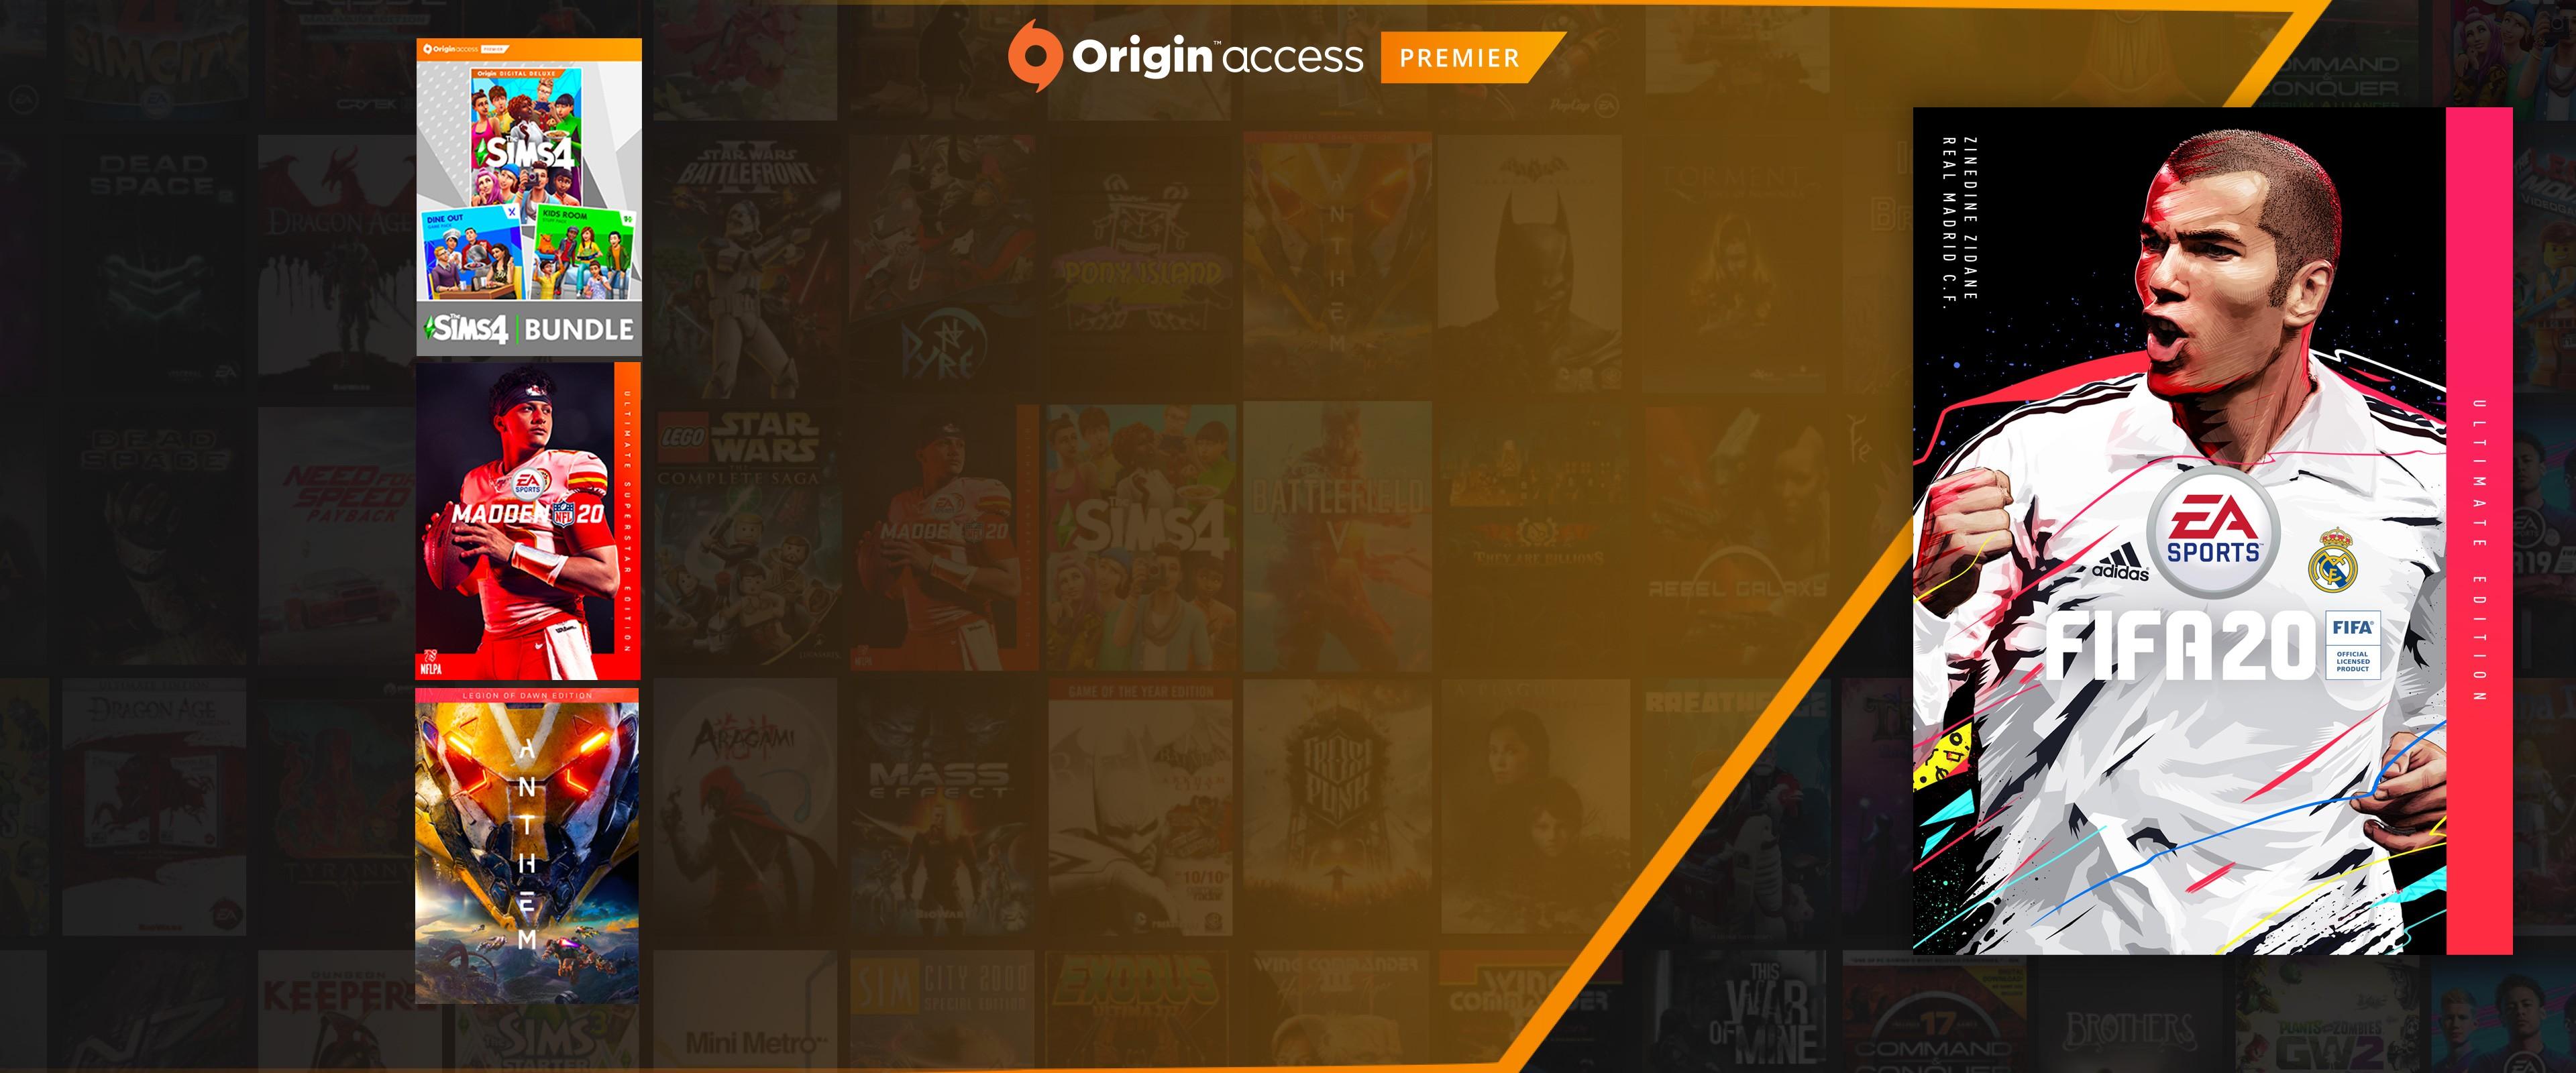 FIFA 20 for PC   Origin